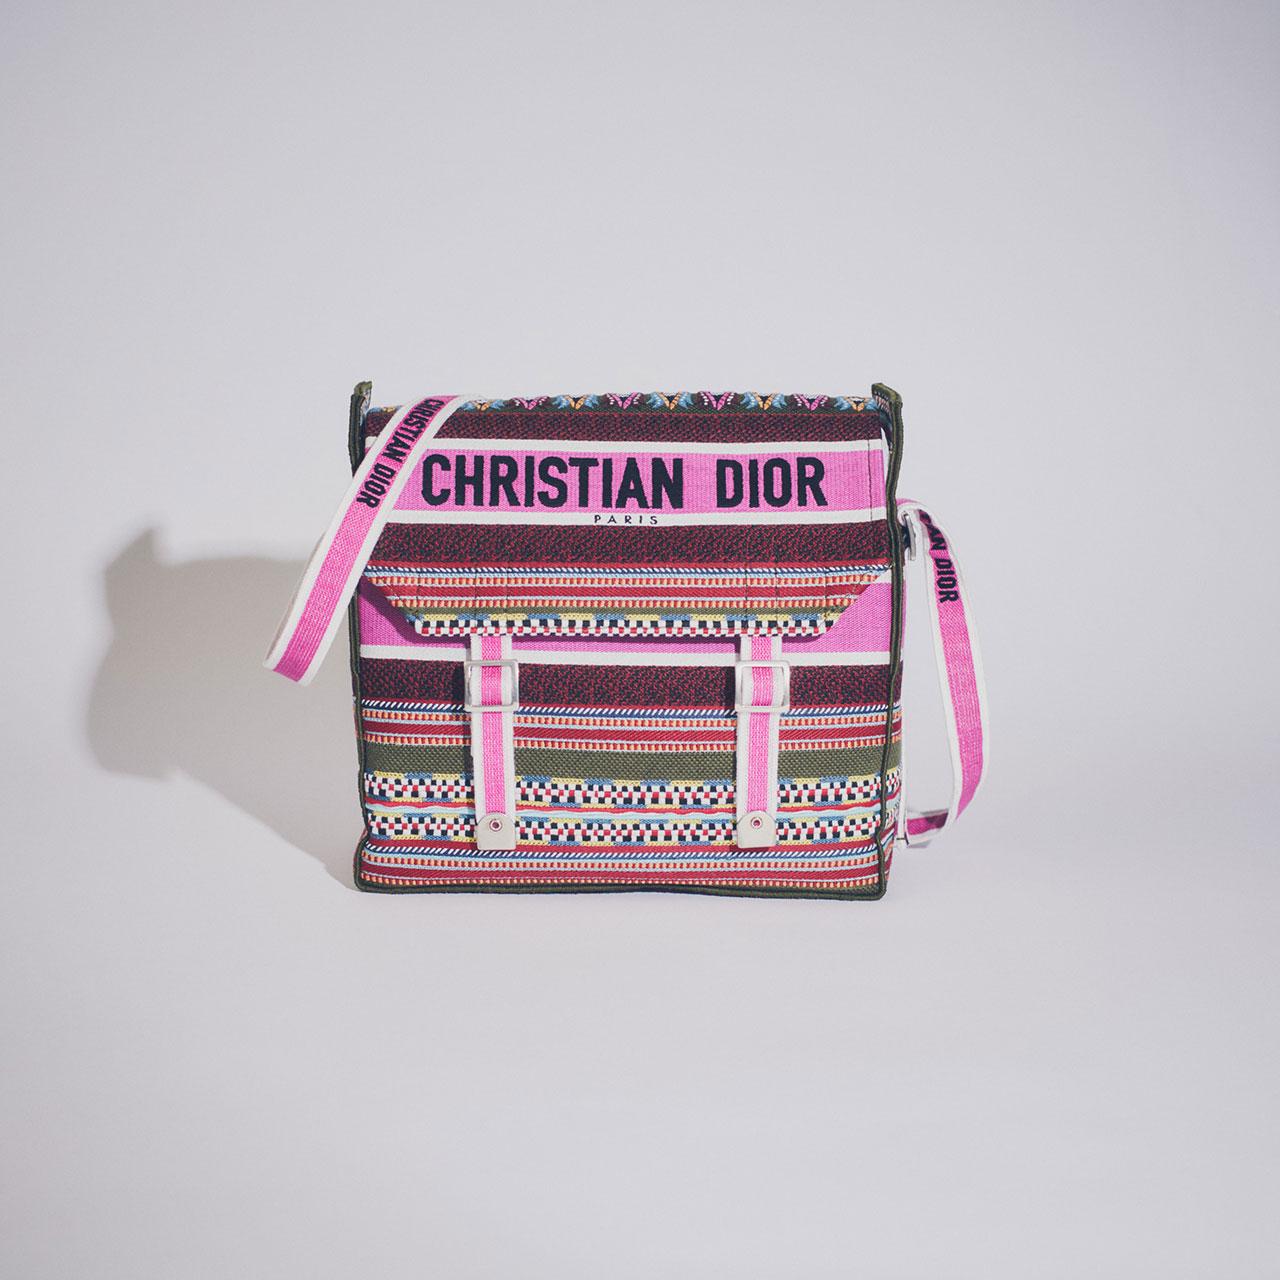 ¥350,000 [W28.5×H25×D12cm]、Dior/クリスチャン ディオール 0120-02-1947